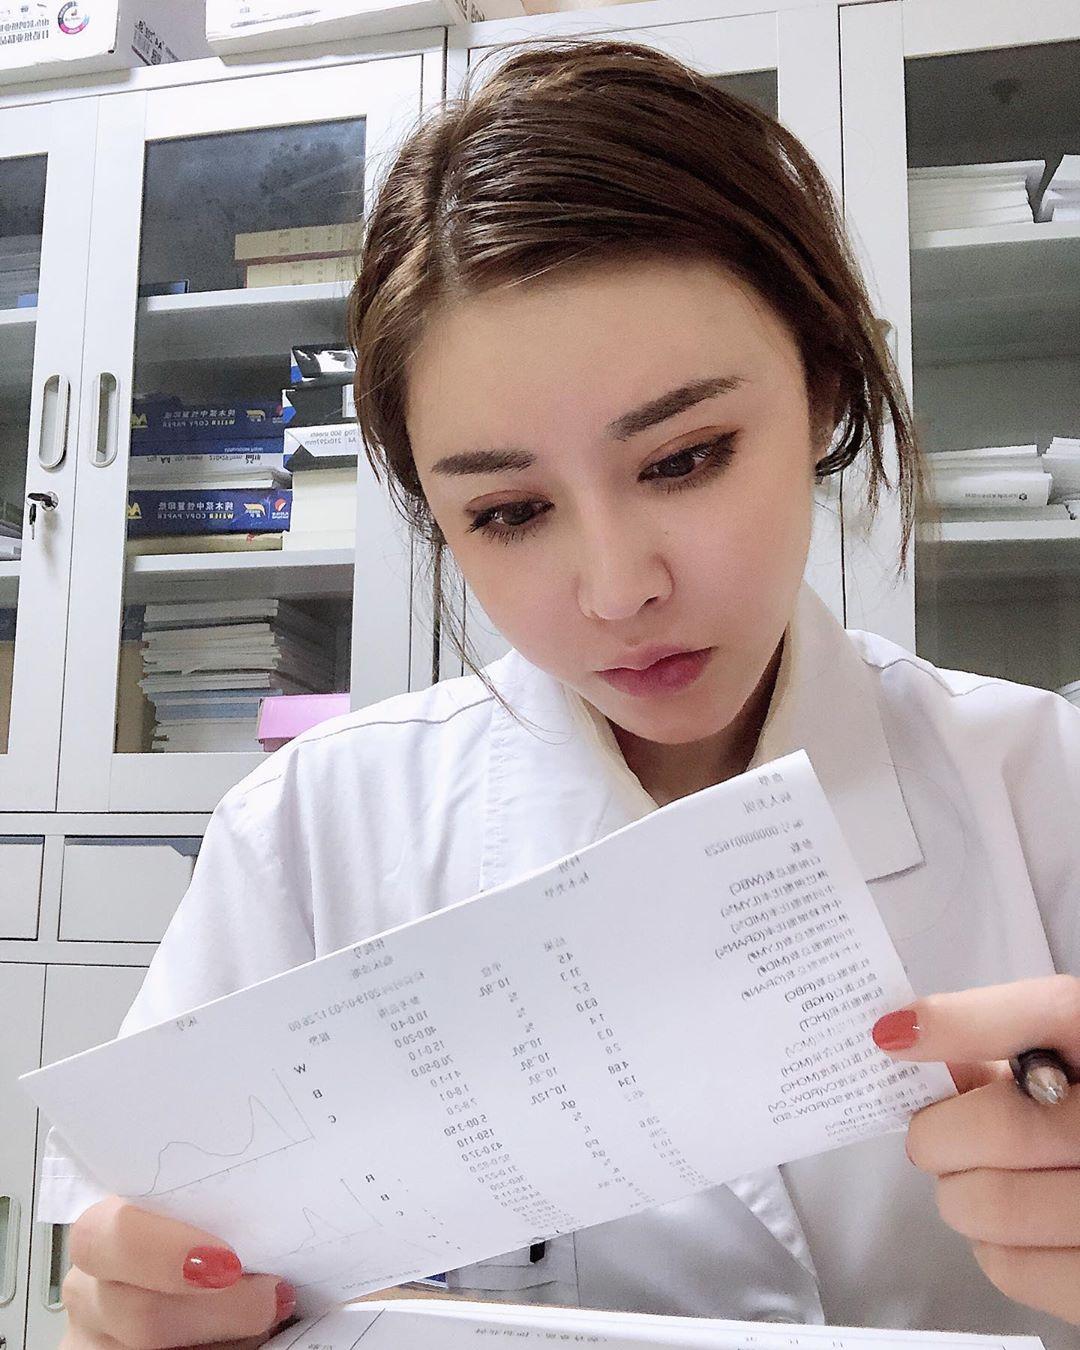 В Китае живет девушка с лицом ангела и телом дьявола